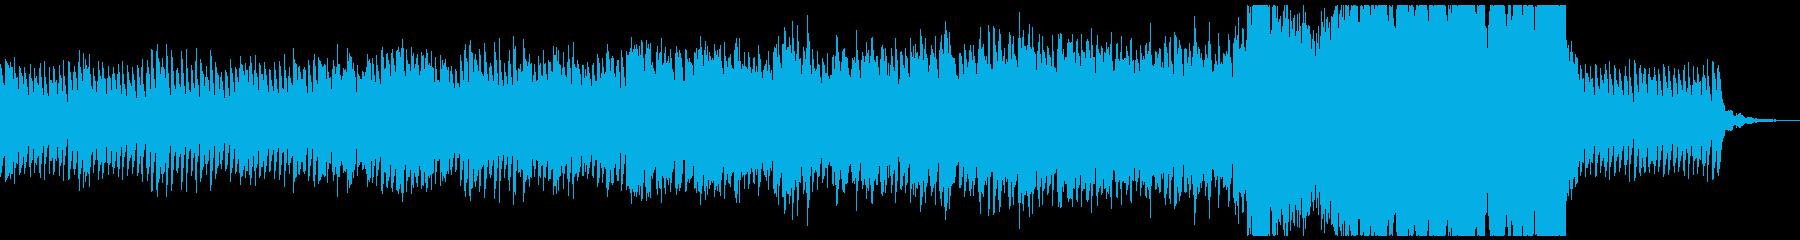 感動系オーケストラBGMの再生済みの波形